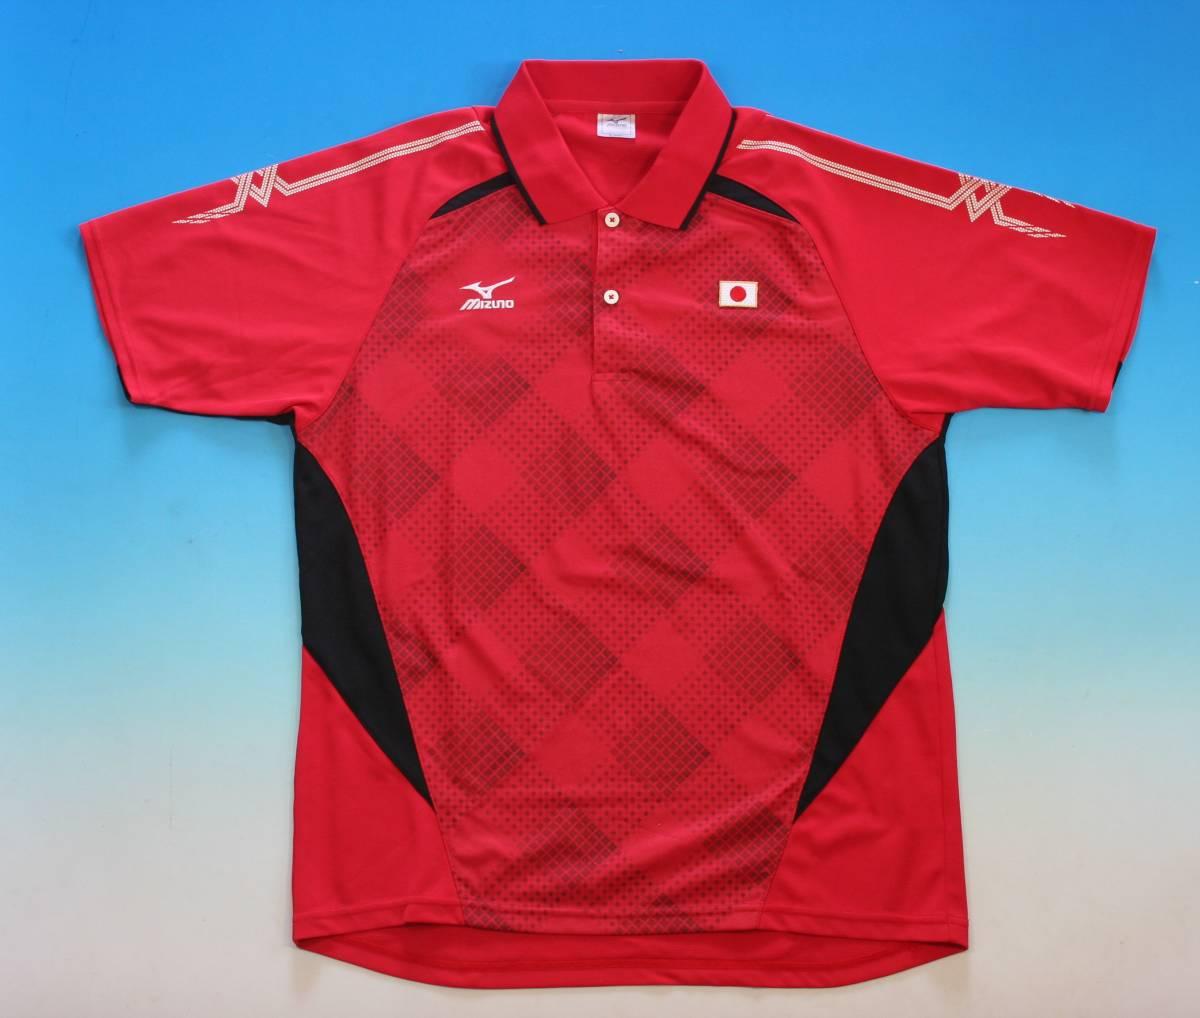 非売品★ MIZUNO(ミズノ)ソフトテニス日本代表 JAPAN ゲームシャツ(レッド)+プラシャツの2枚組_画像2